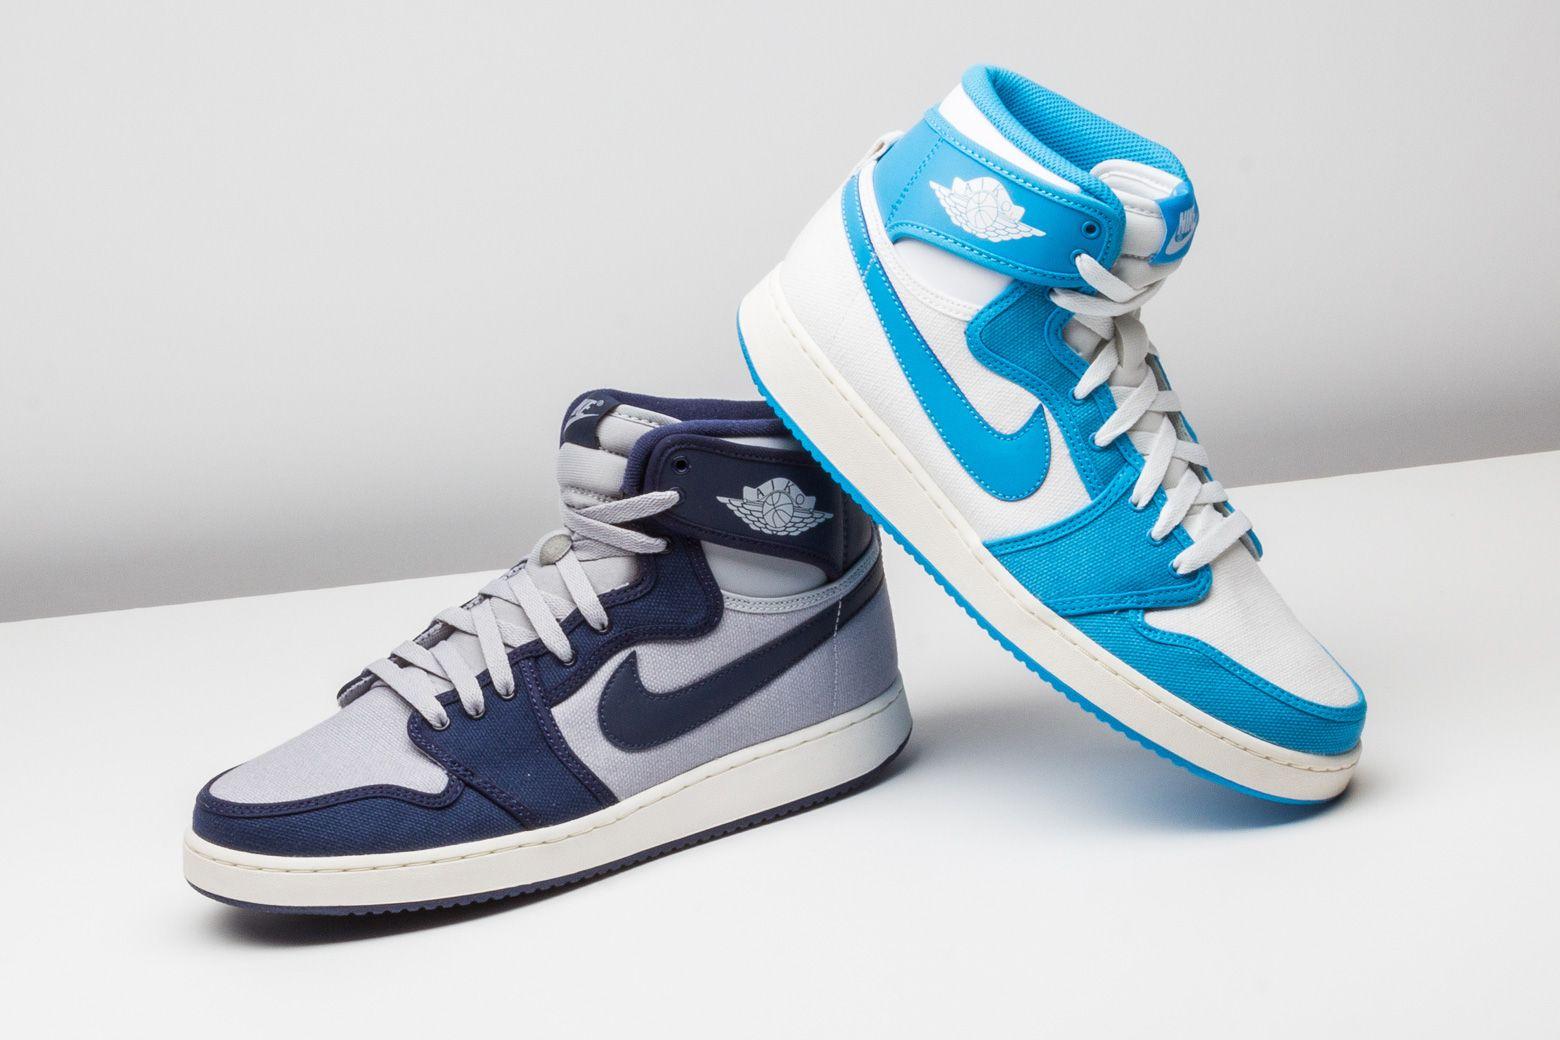 The Air Jordan 1 KO